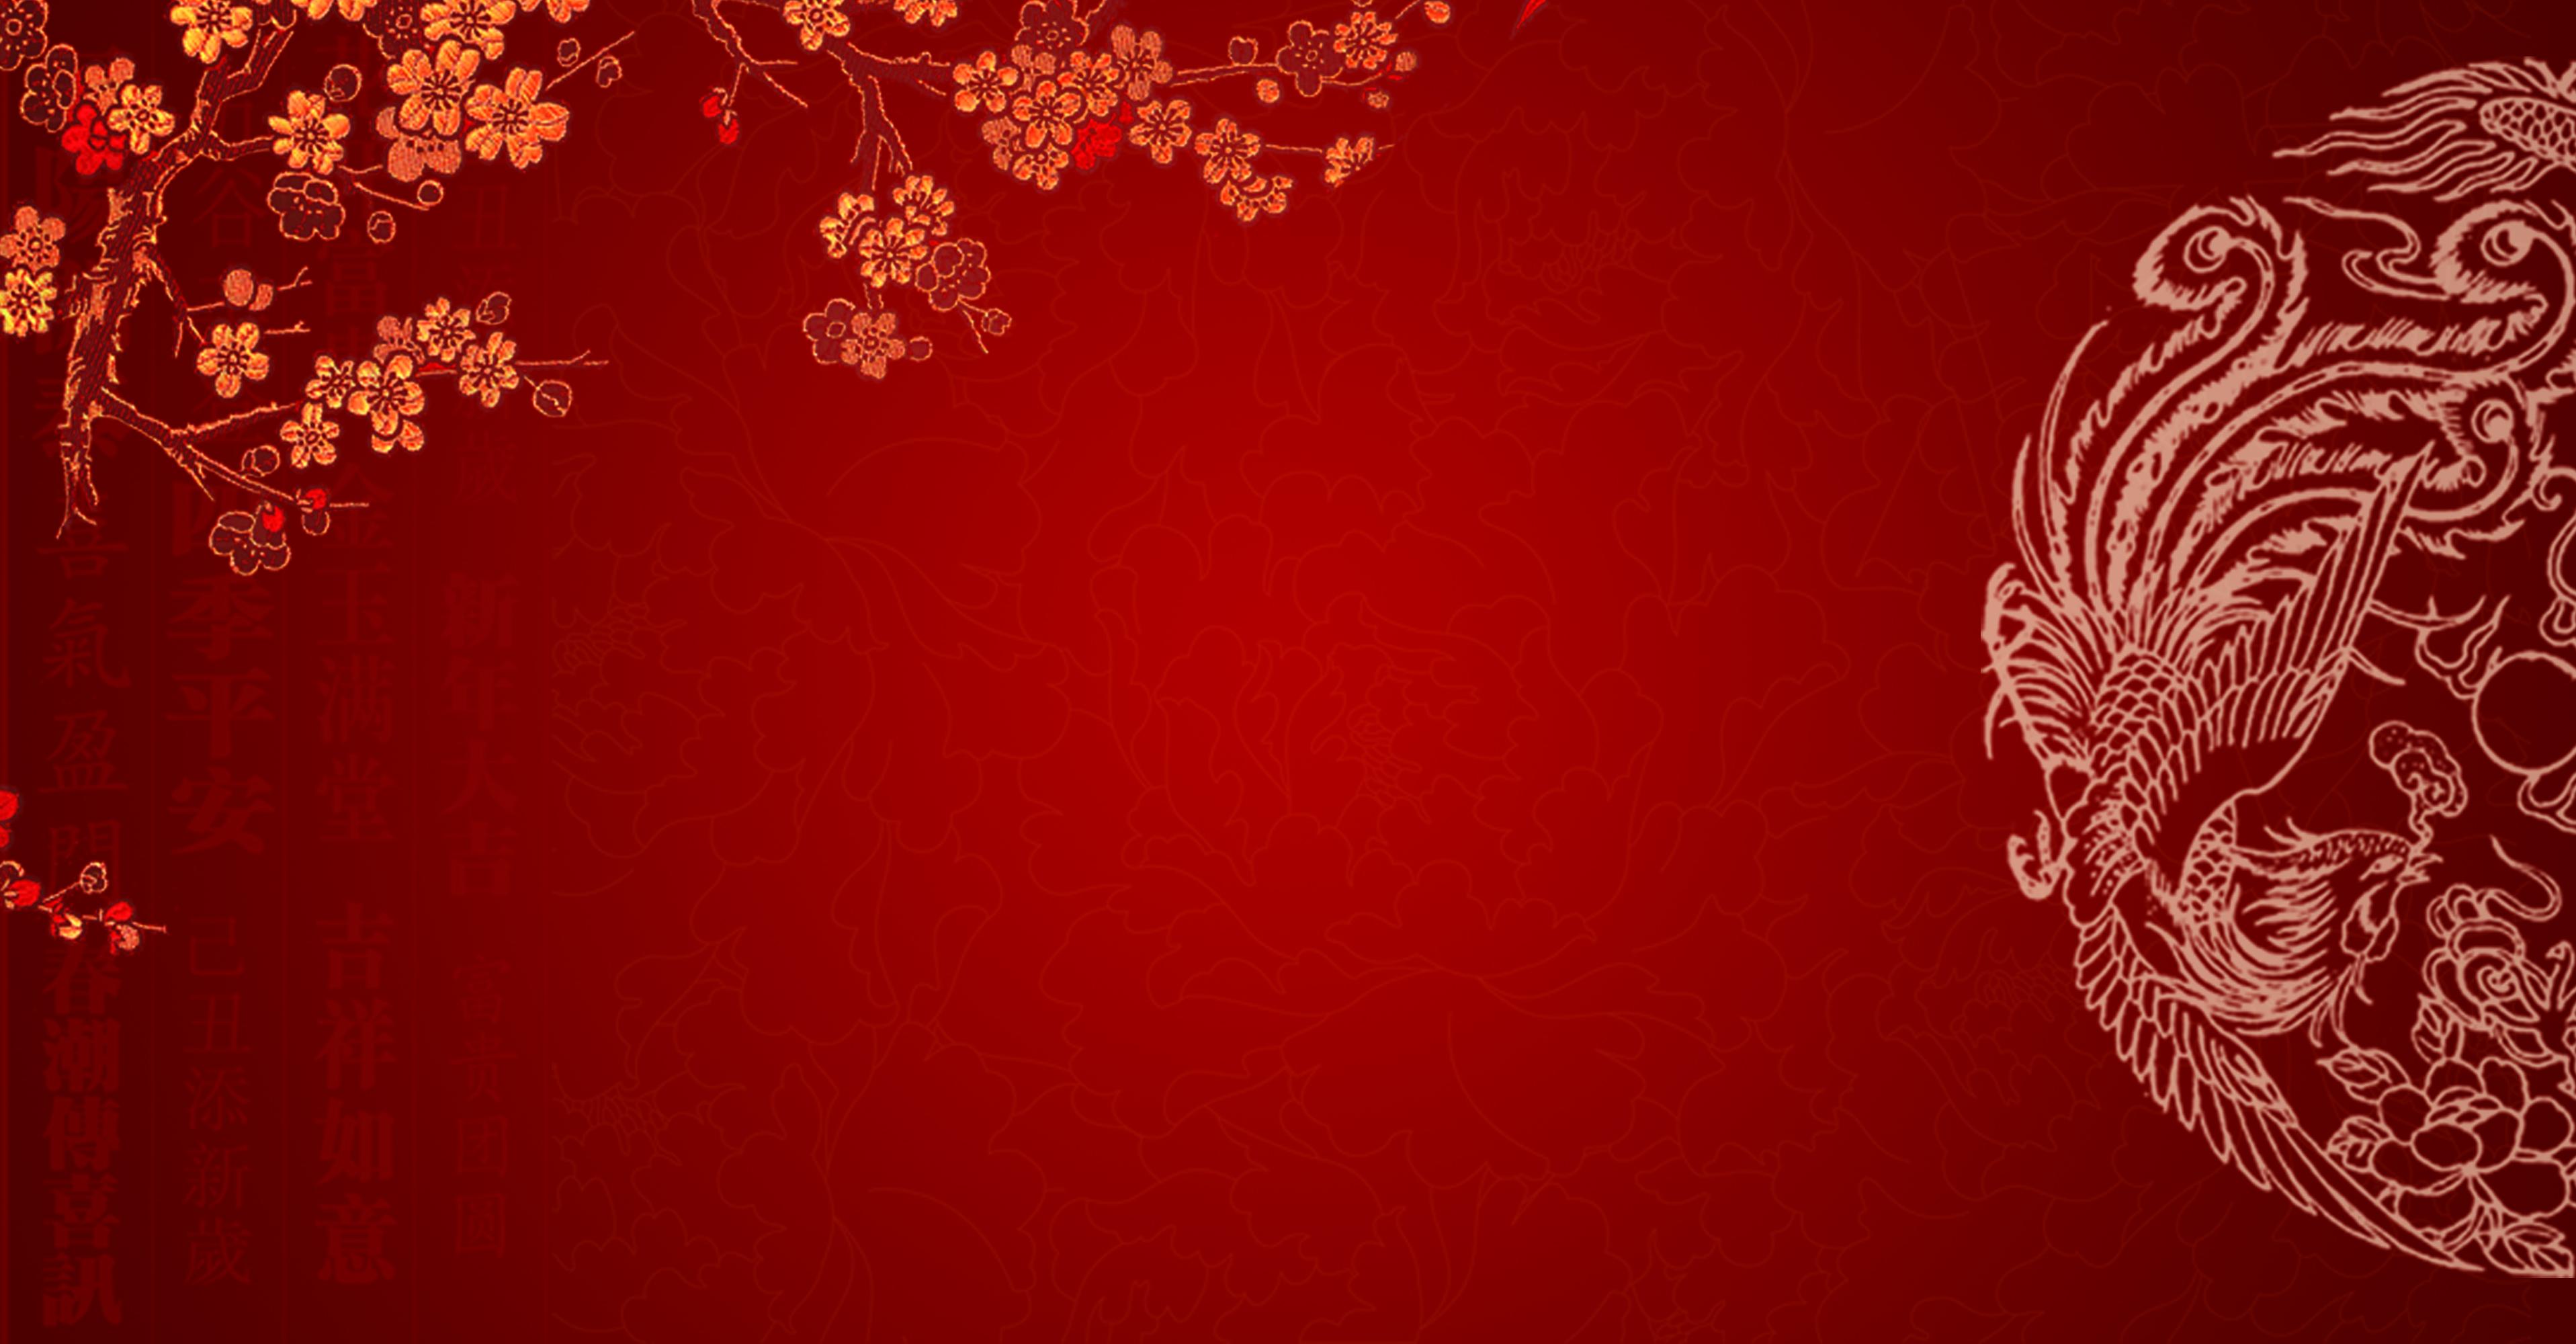 Открытки днем, красно-золотая открытка